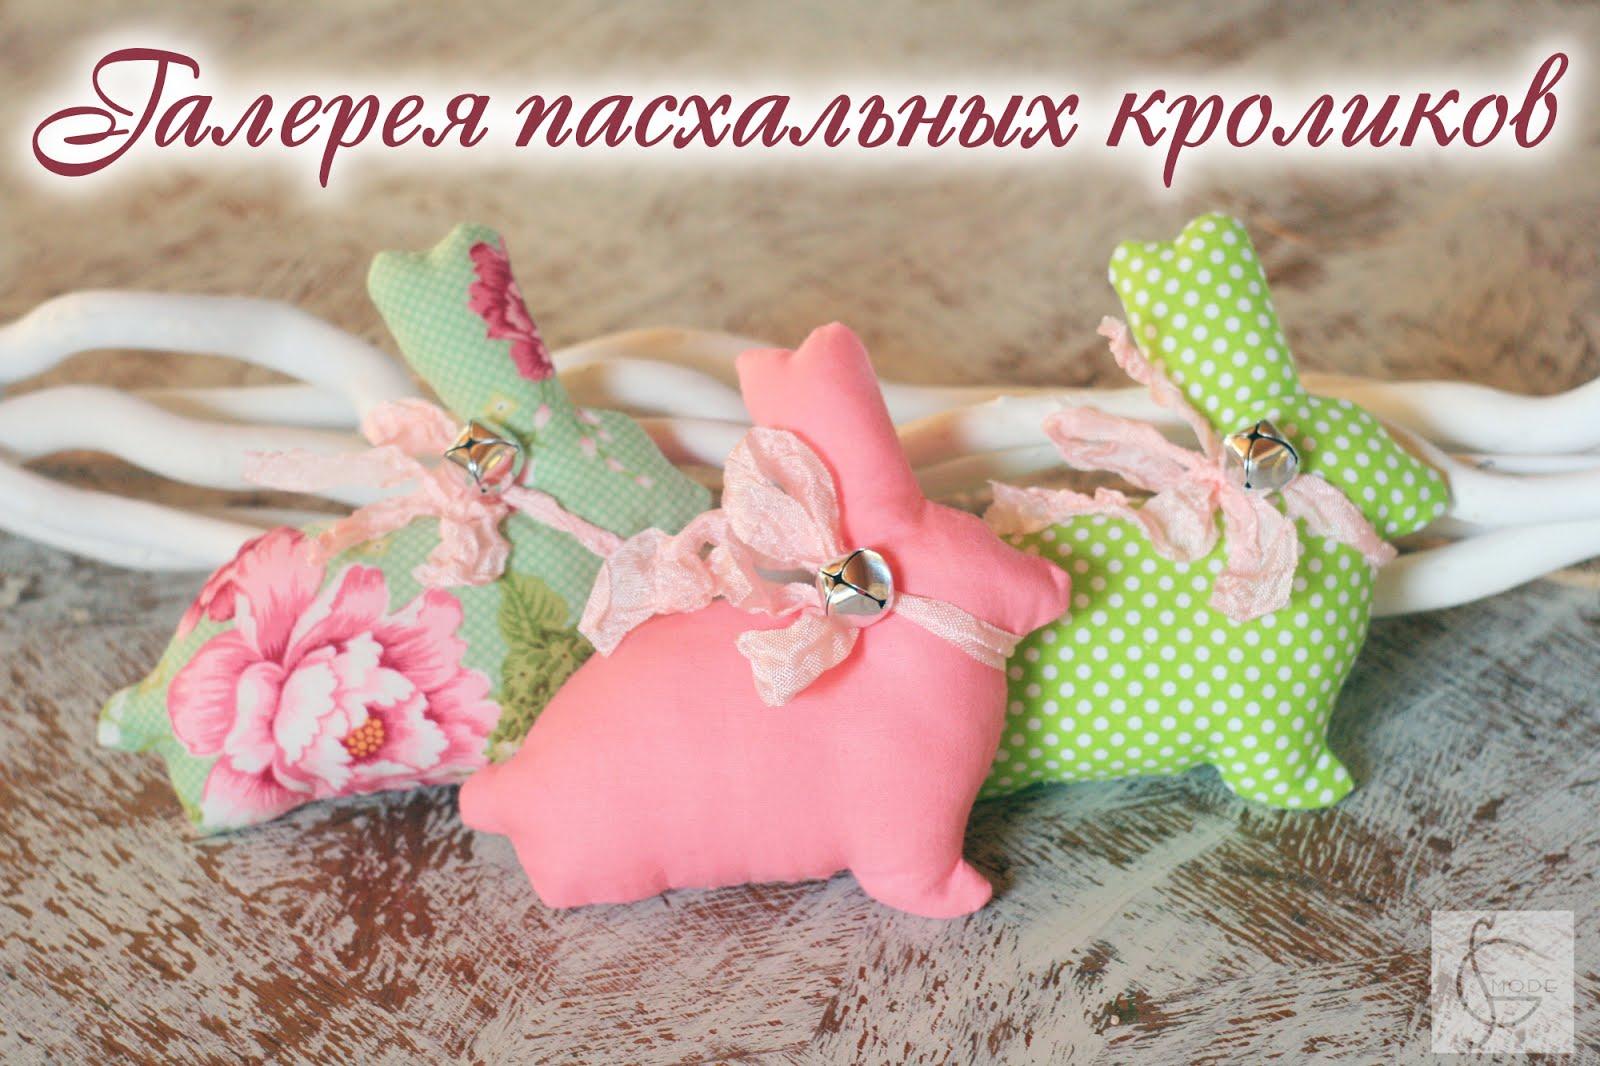 Галерея Пасхальных Кроликов